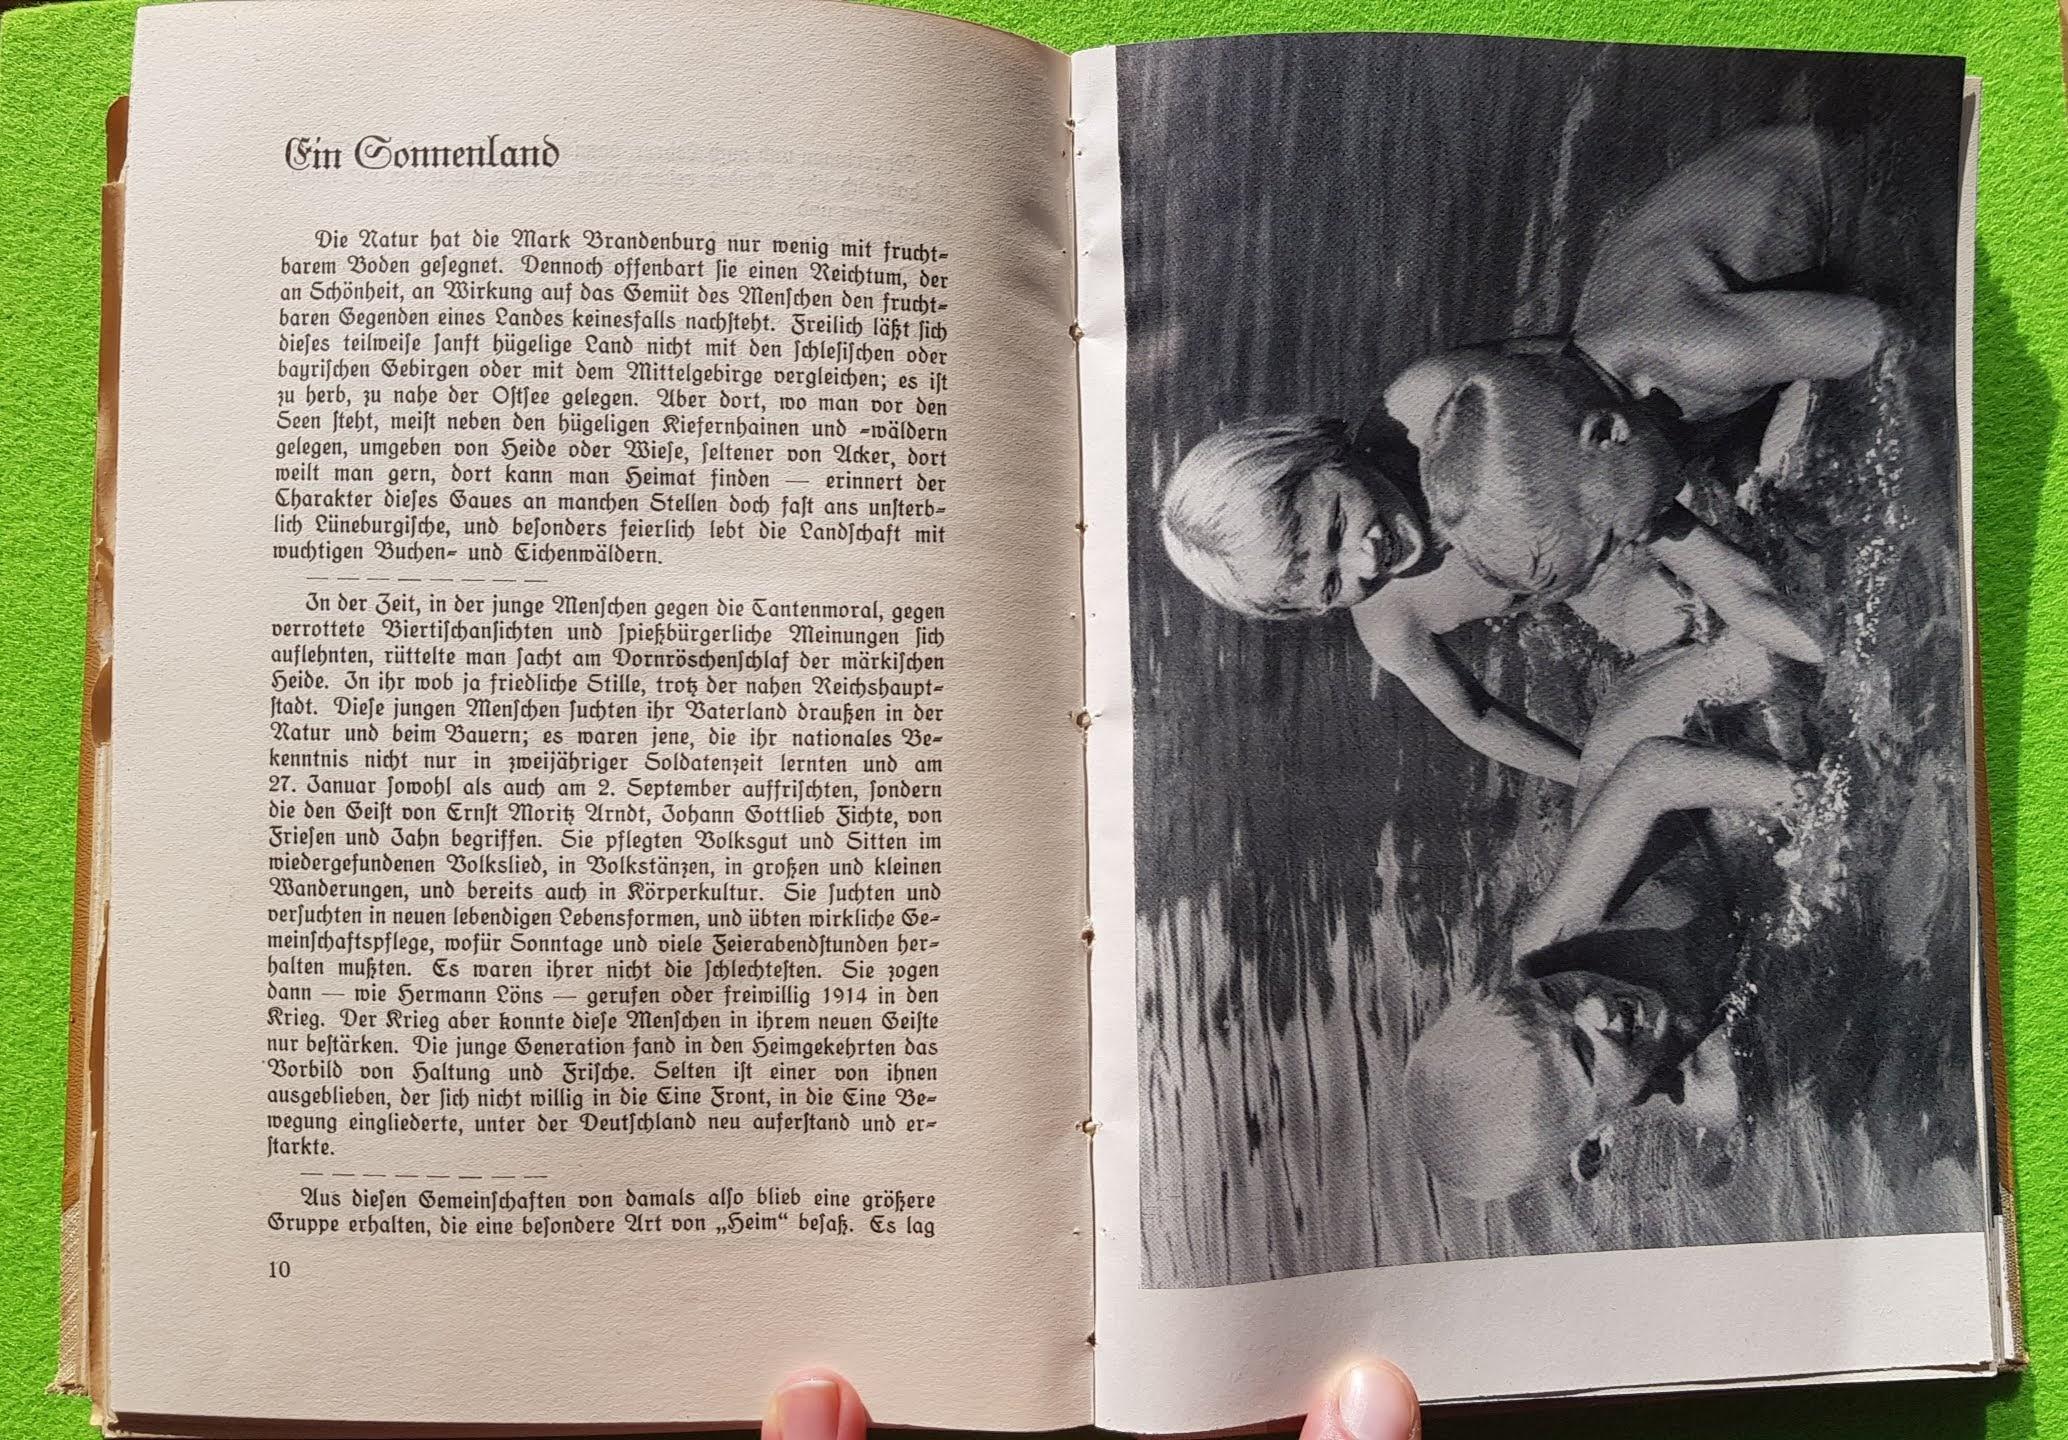 Geist und Schönheit, 1940 - Ein Sonnenland: Kinderland!